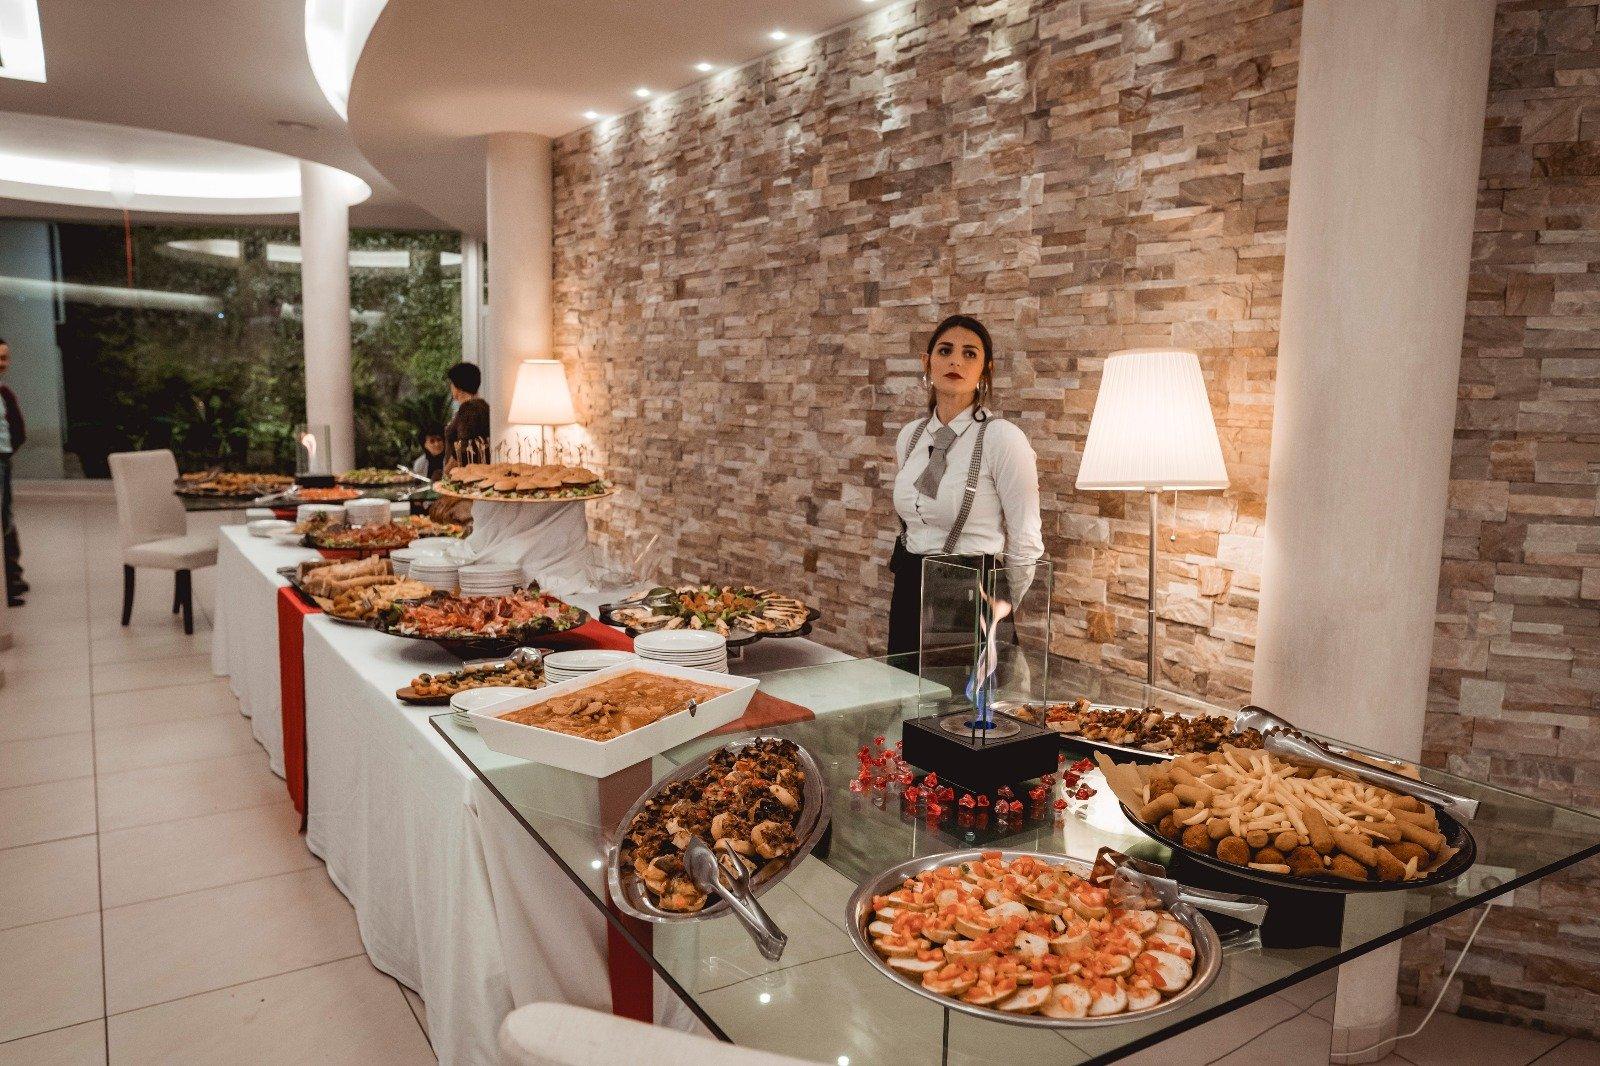 villa per feste 50 anni a roma